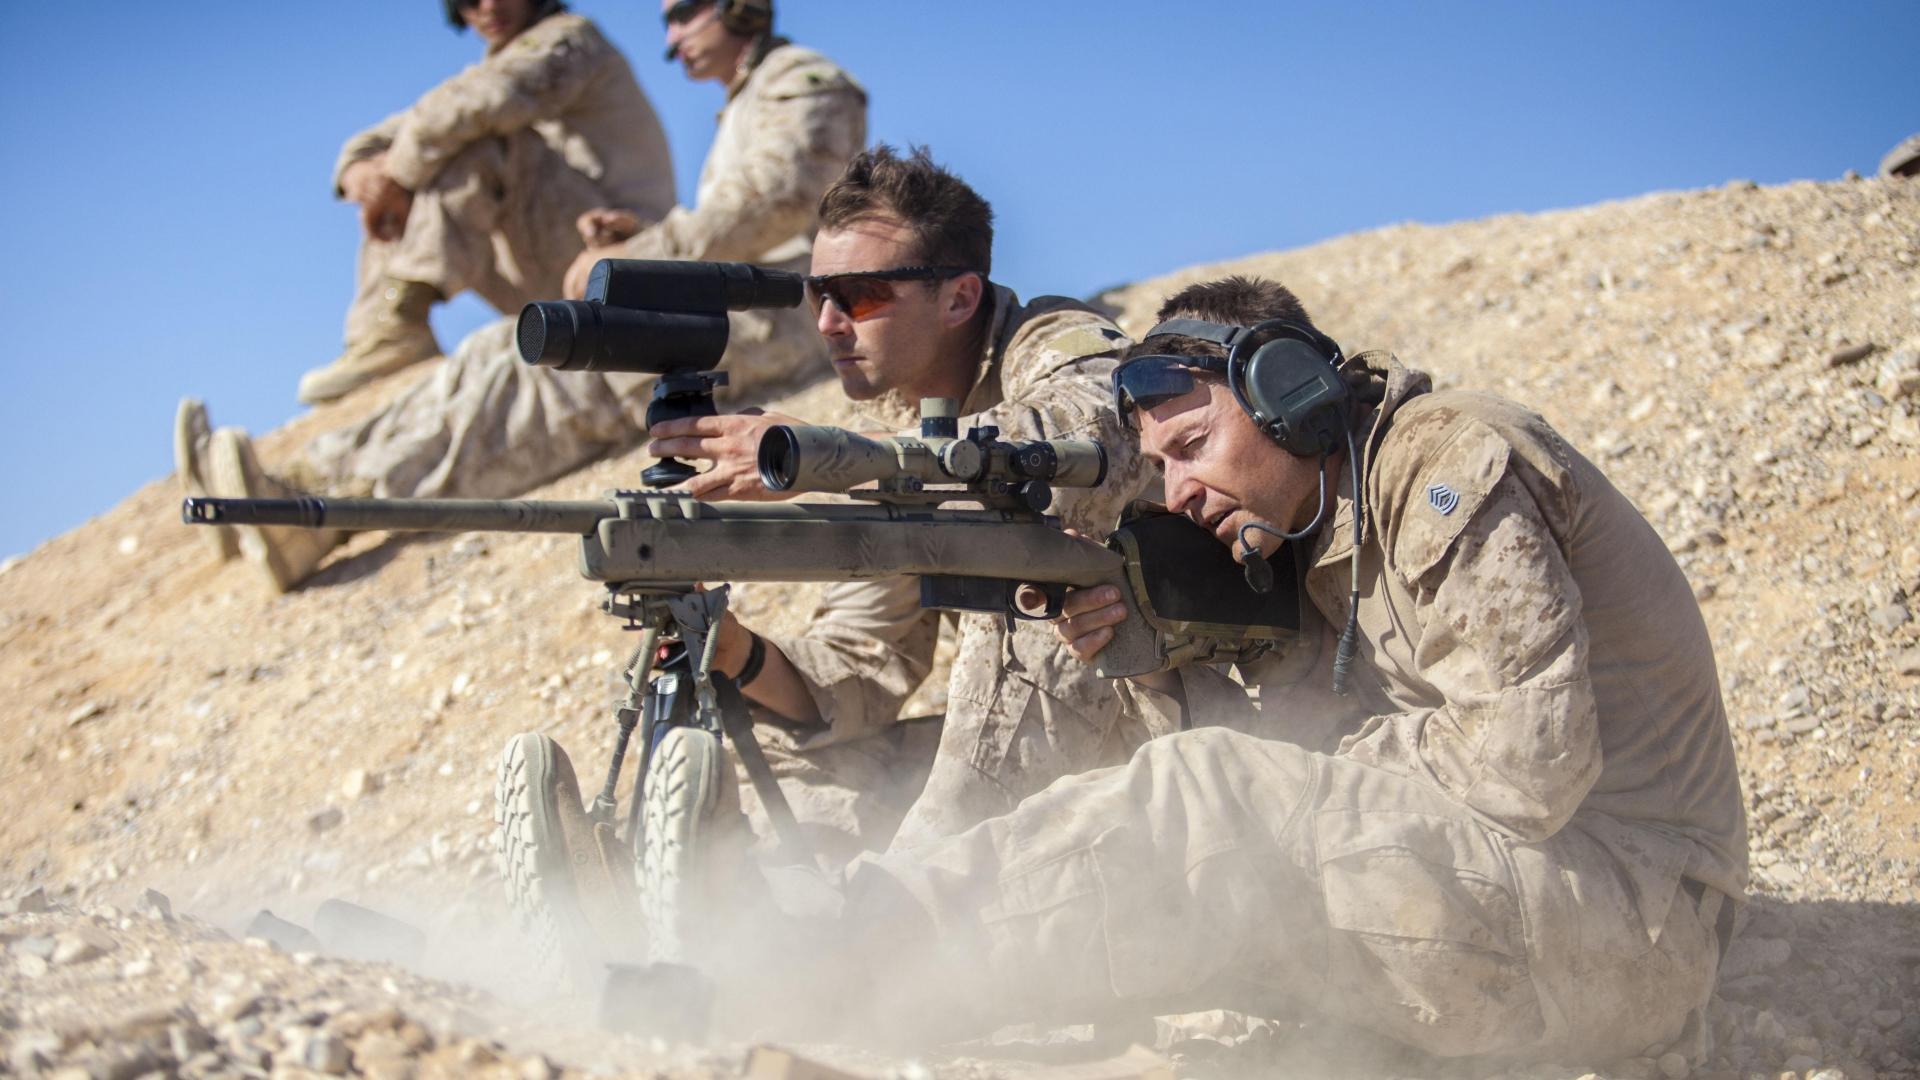 Электростимуляция ускорит обучение снайперов